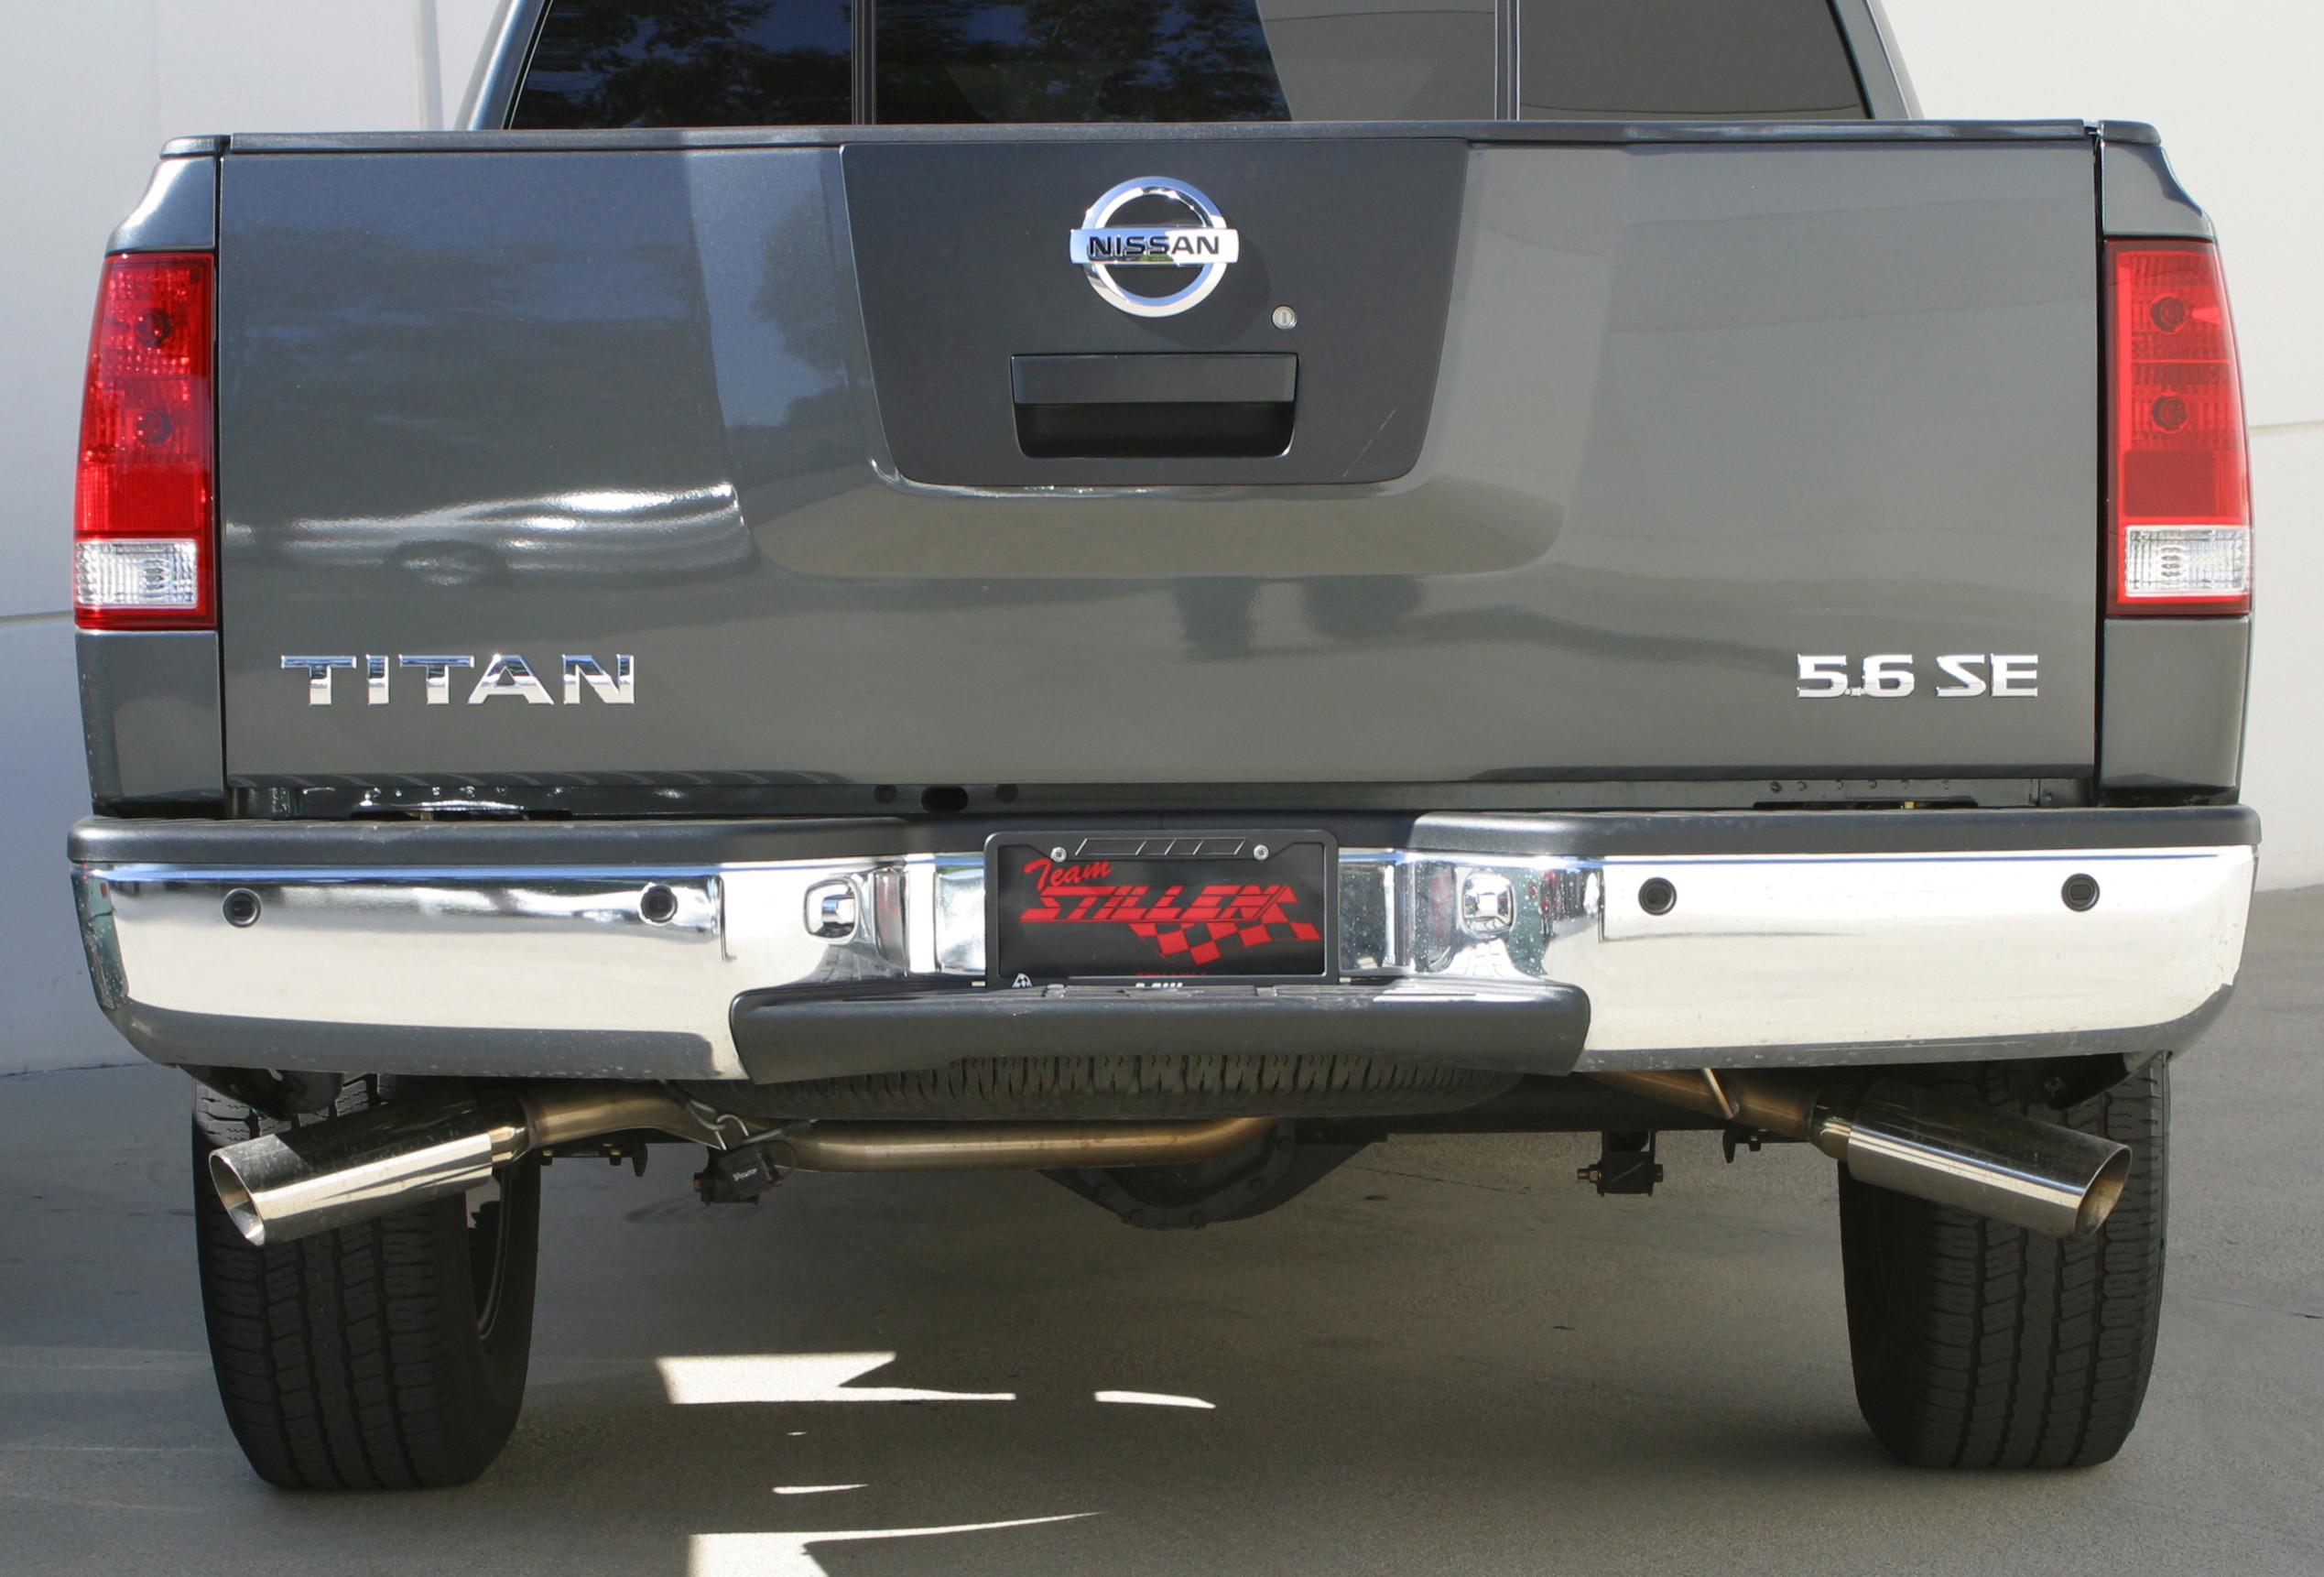 Nissan Titan Exhaust Leak : Stillen exhaust manufacturing more than power